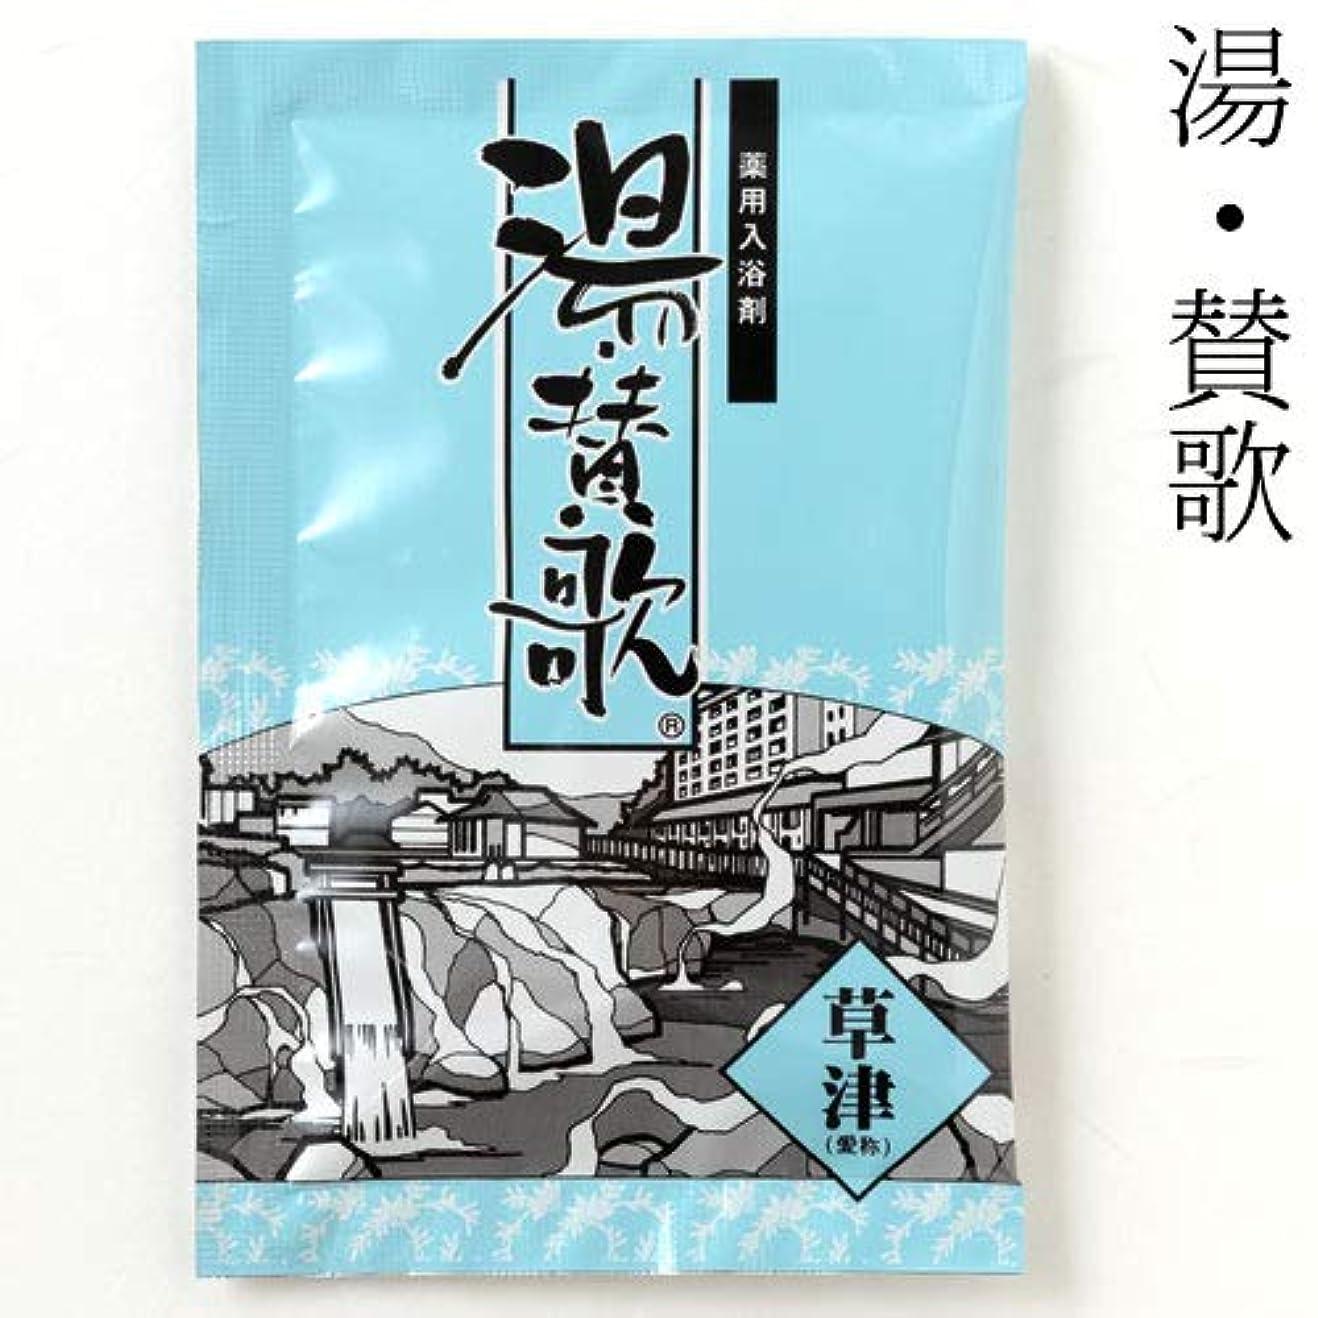 状況古い隠す入浴剤湯?賛歌草津1包石川県のお風呂グッズBath additive, Ishikawa craft